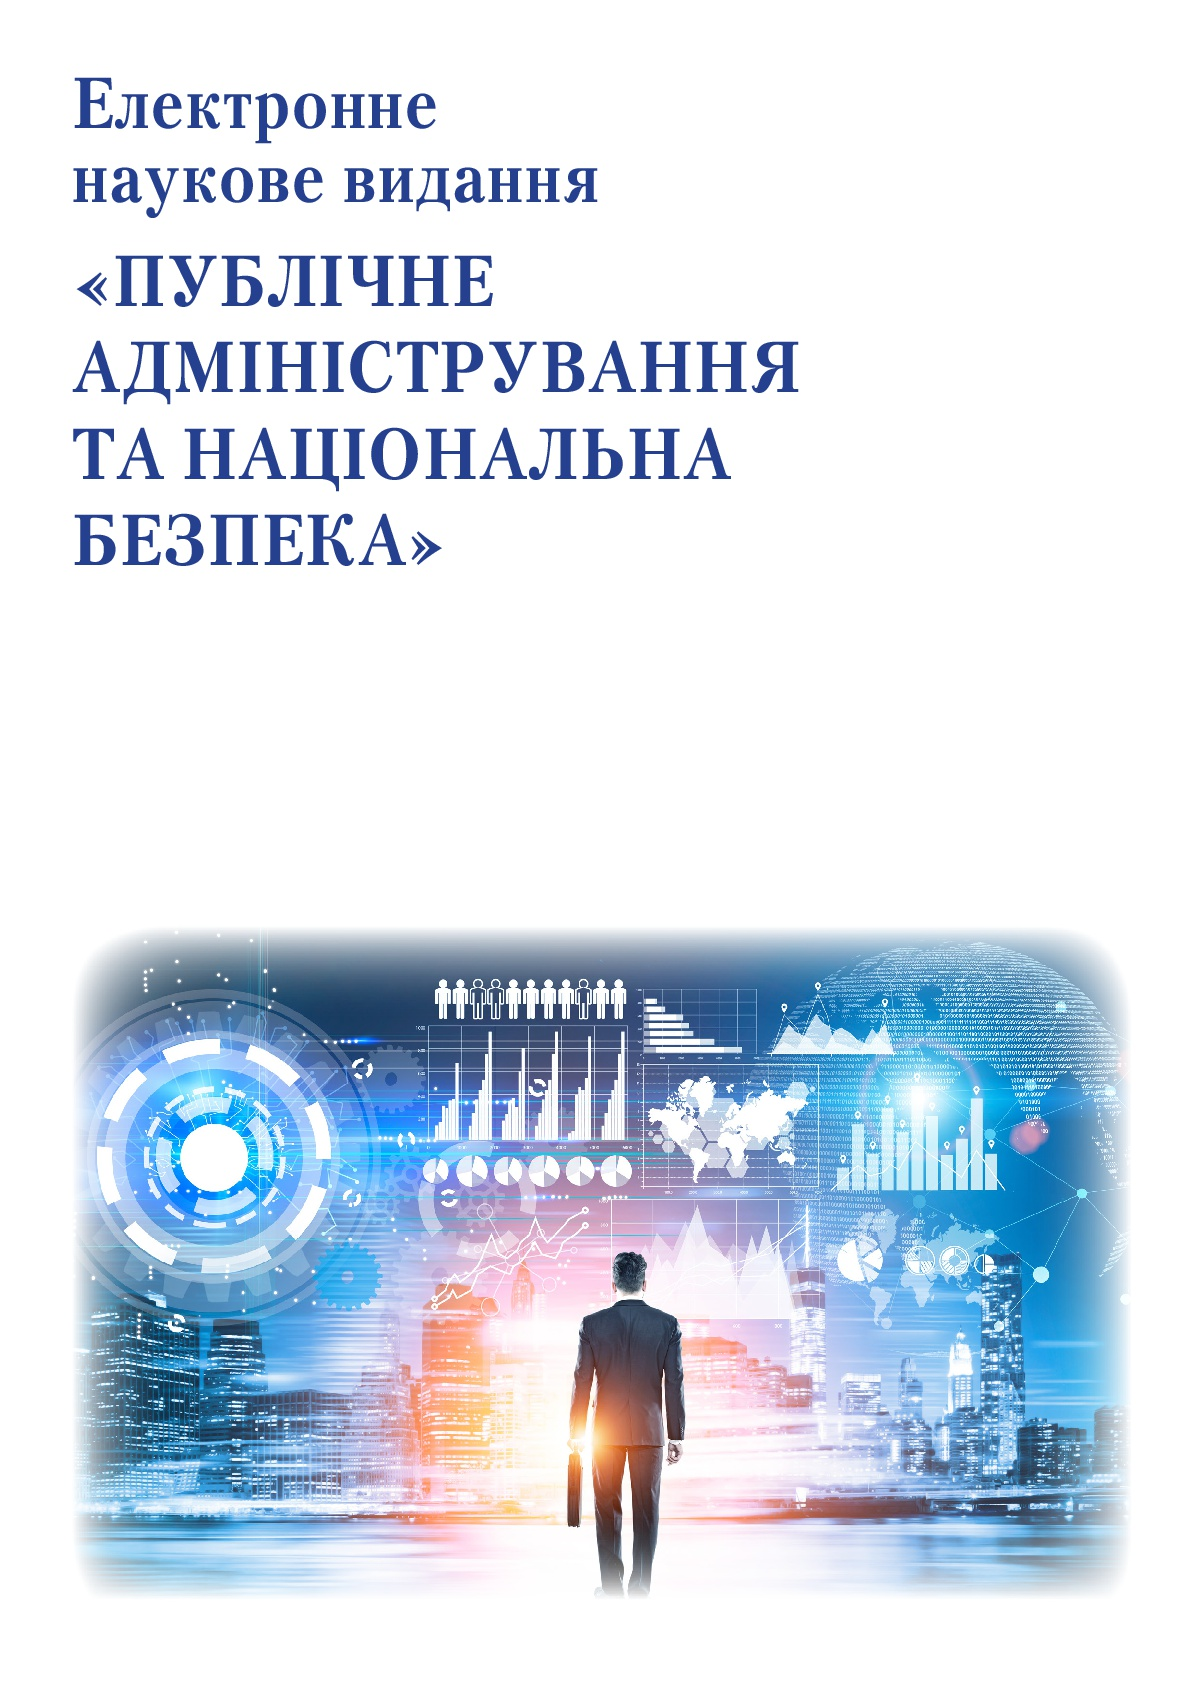 Обложка_Публічне адміністрування-1-001